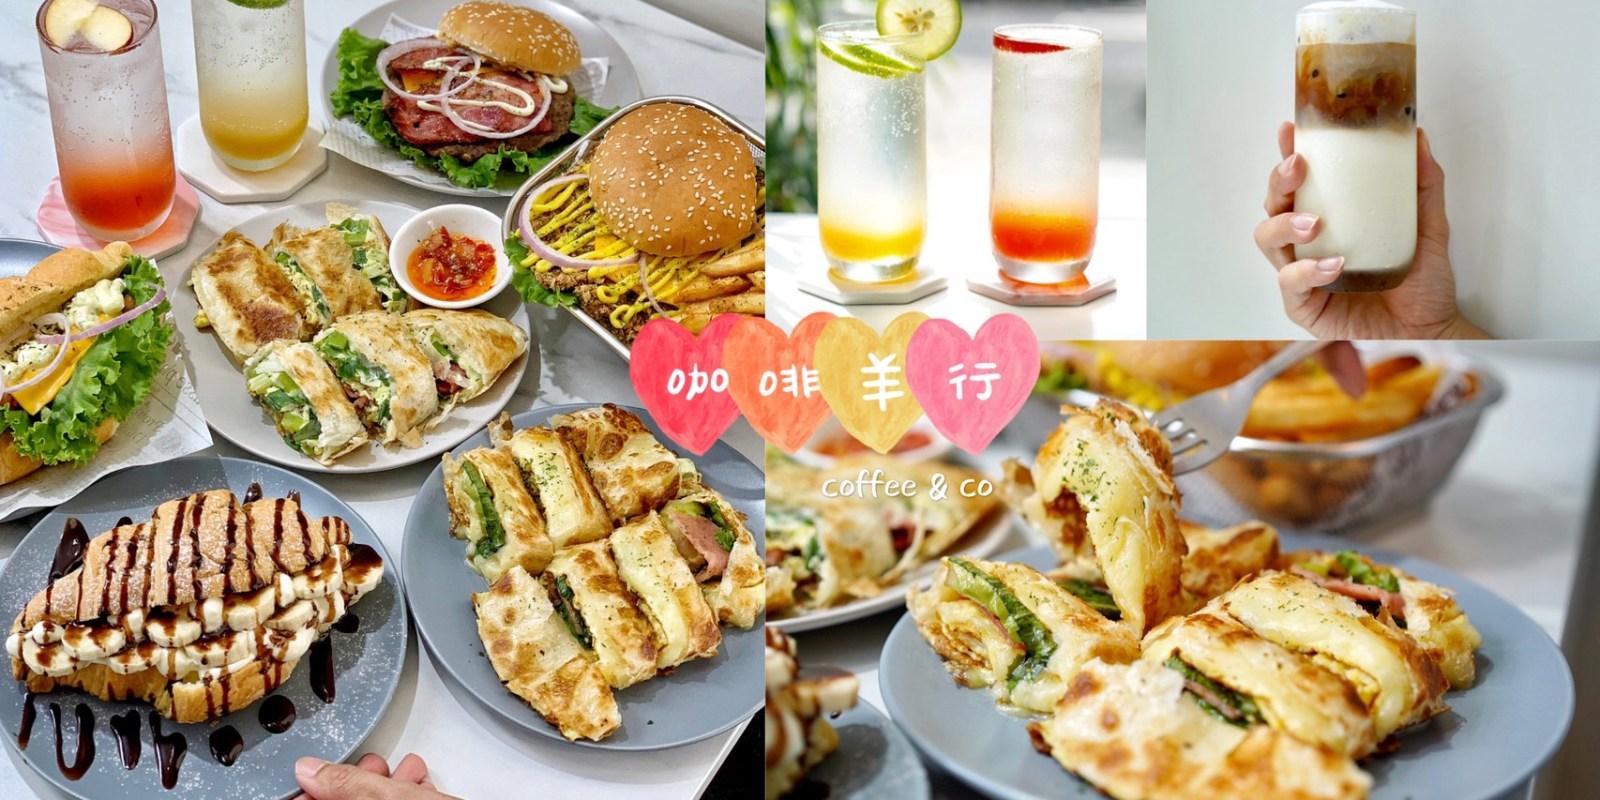 【新竹美食】網美早午餐推薦『咖啡羊行-台元店』激推招牌酥皮蛋餅,還有漢堡、可頌、義大利麵可以選擇,舒適寬敞用餐空間,絕對是早午餐首選之一!